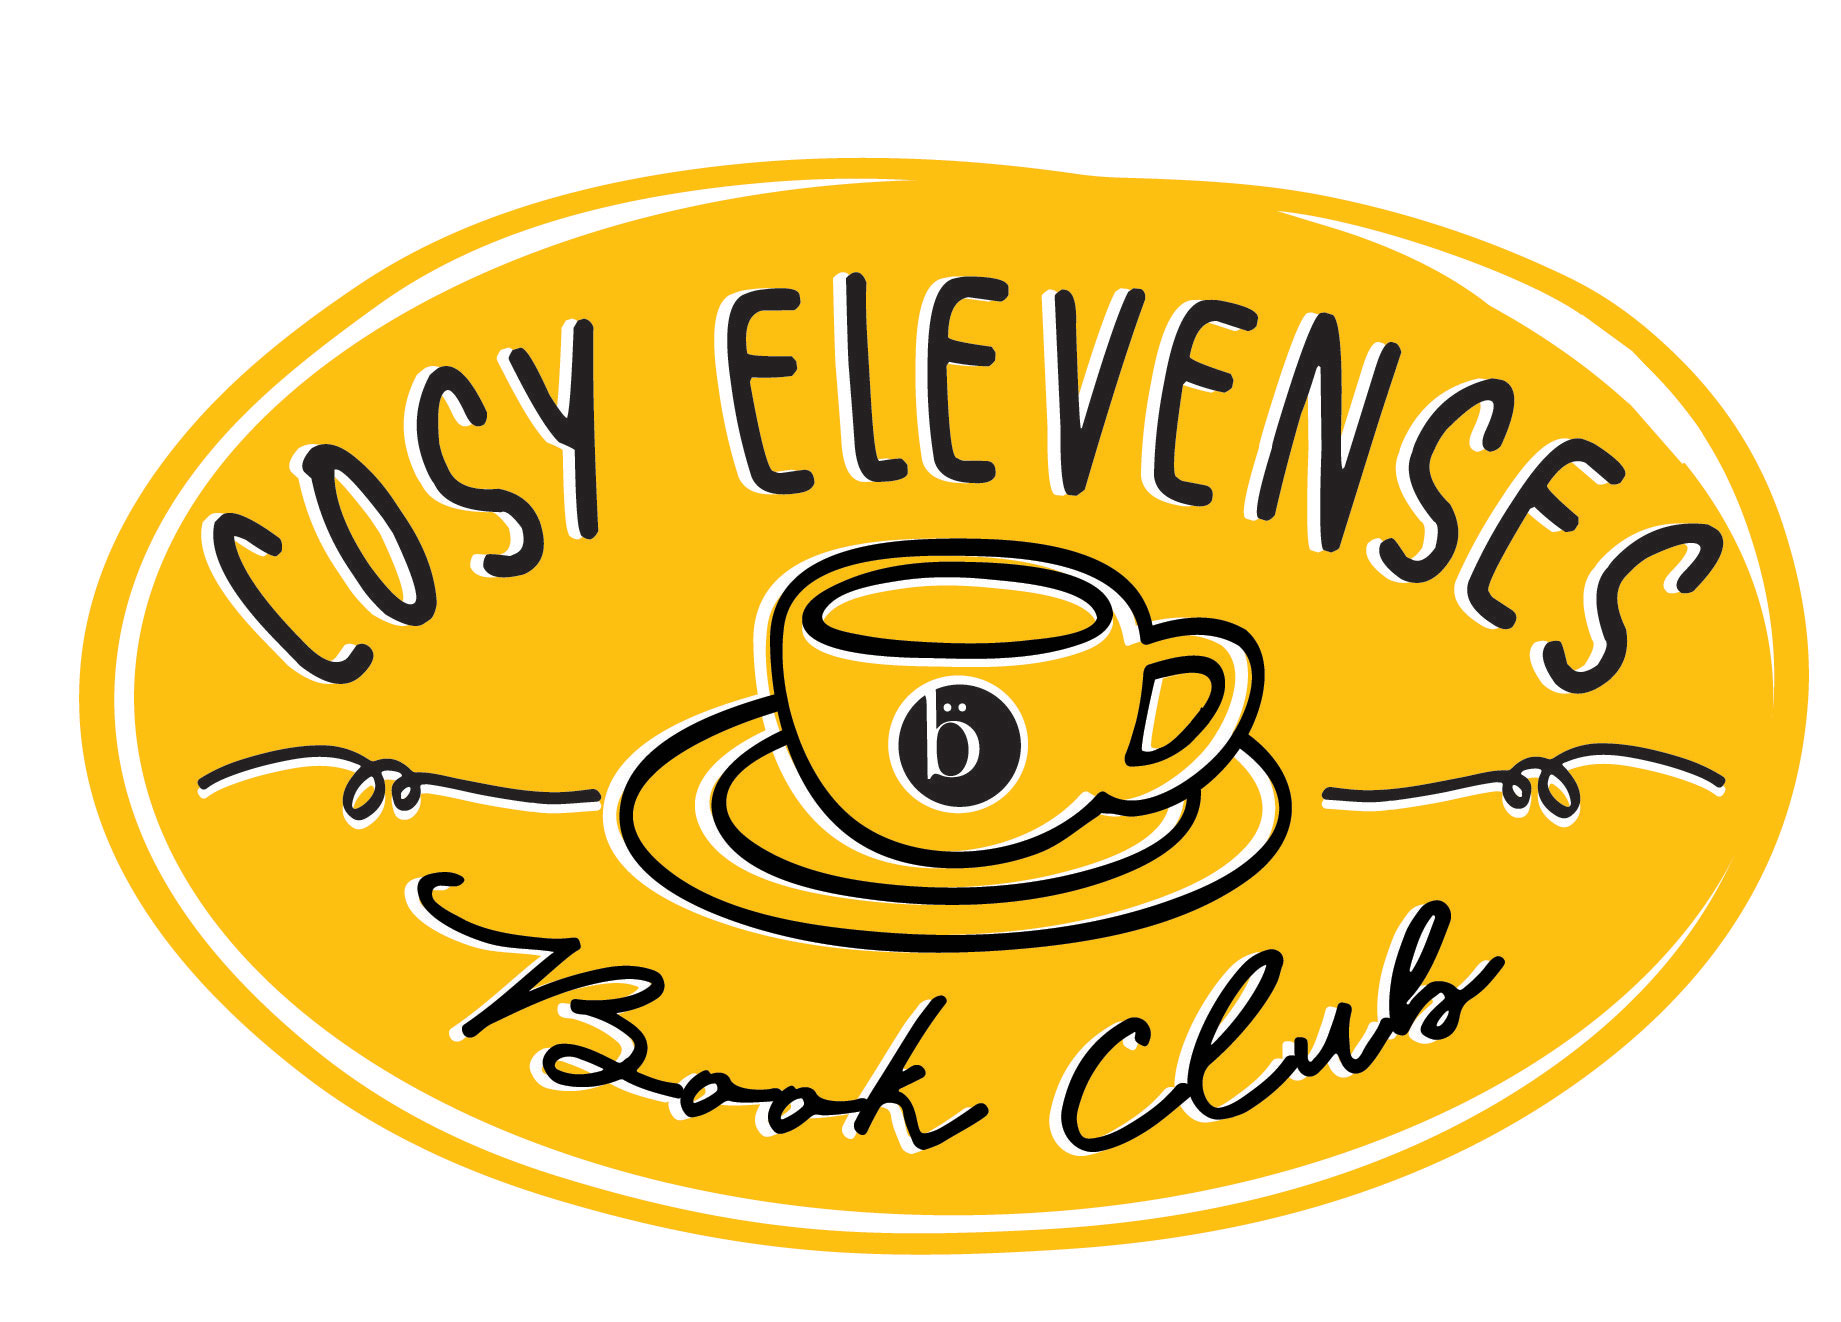 Cosy Elevenses